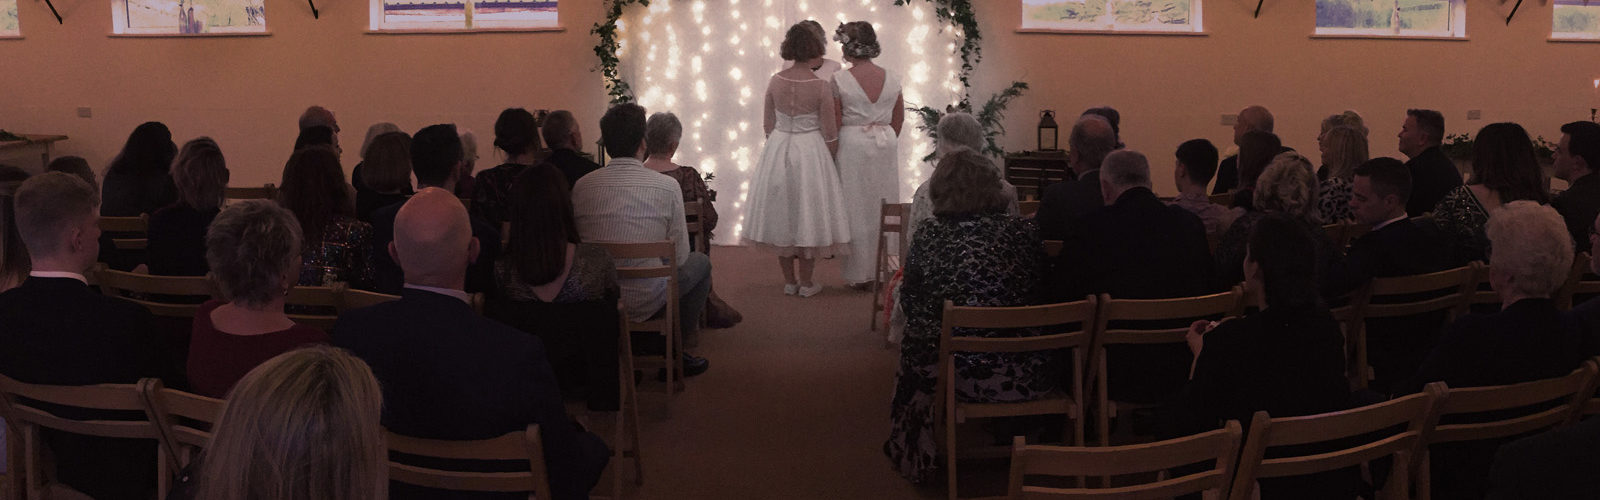 indoor wedding ceremony venue somerset